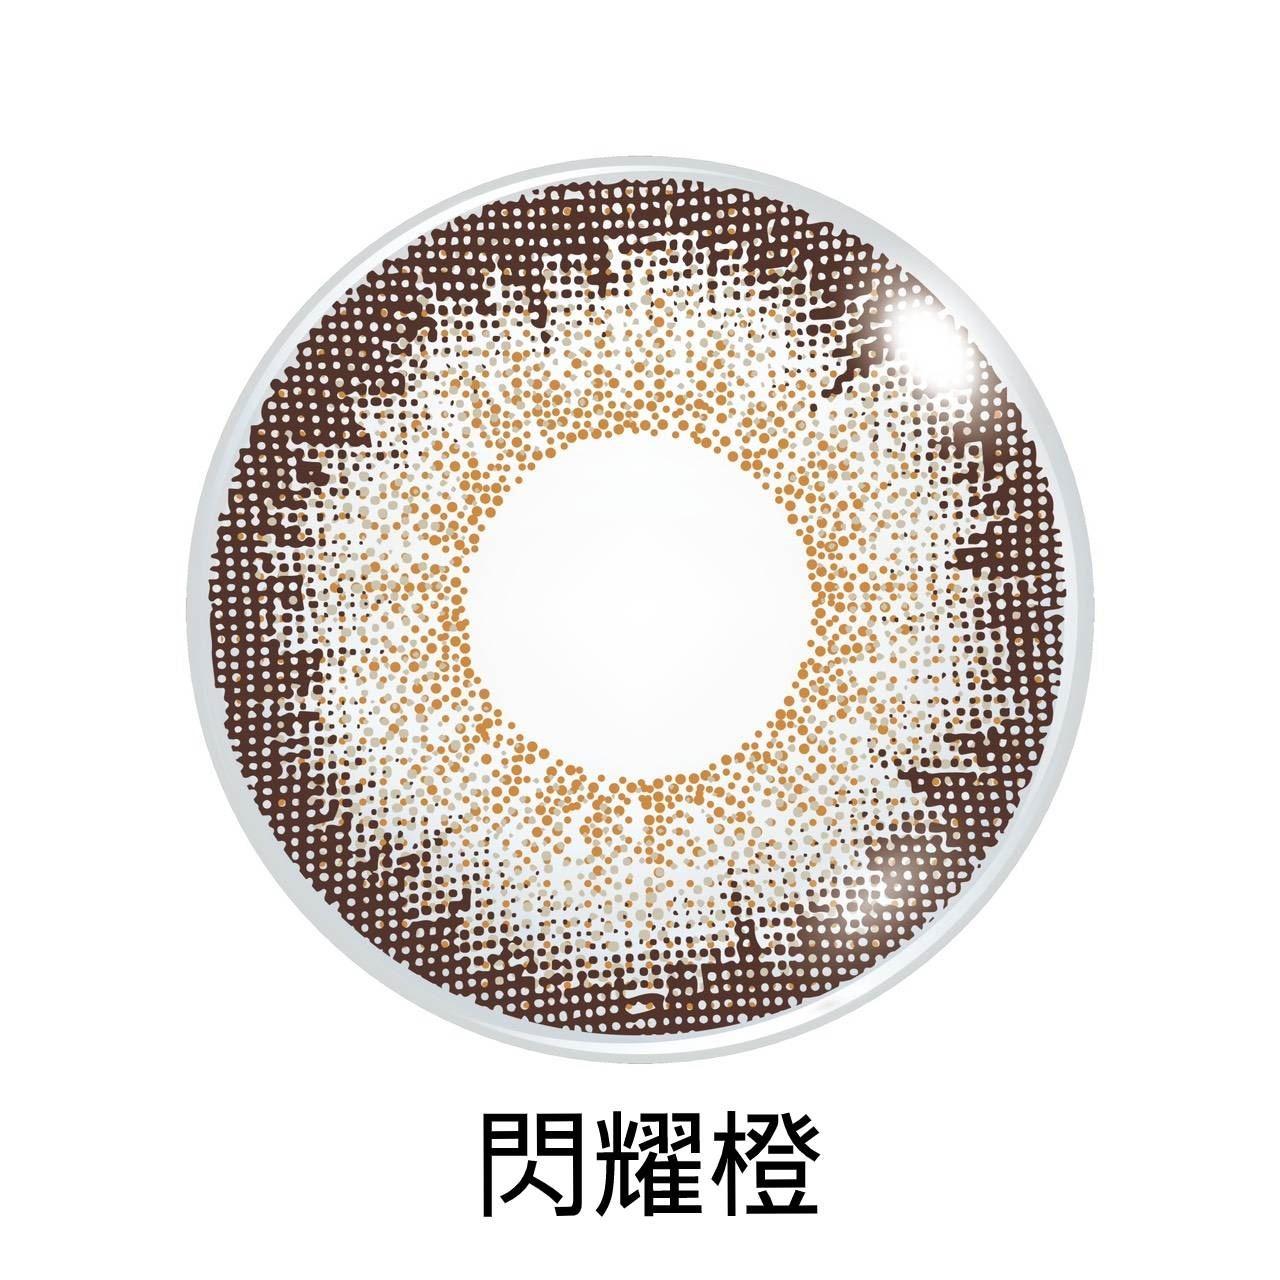 緹艾絲彩色日拋(10片裝)5